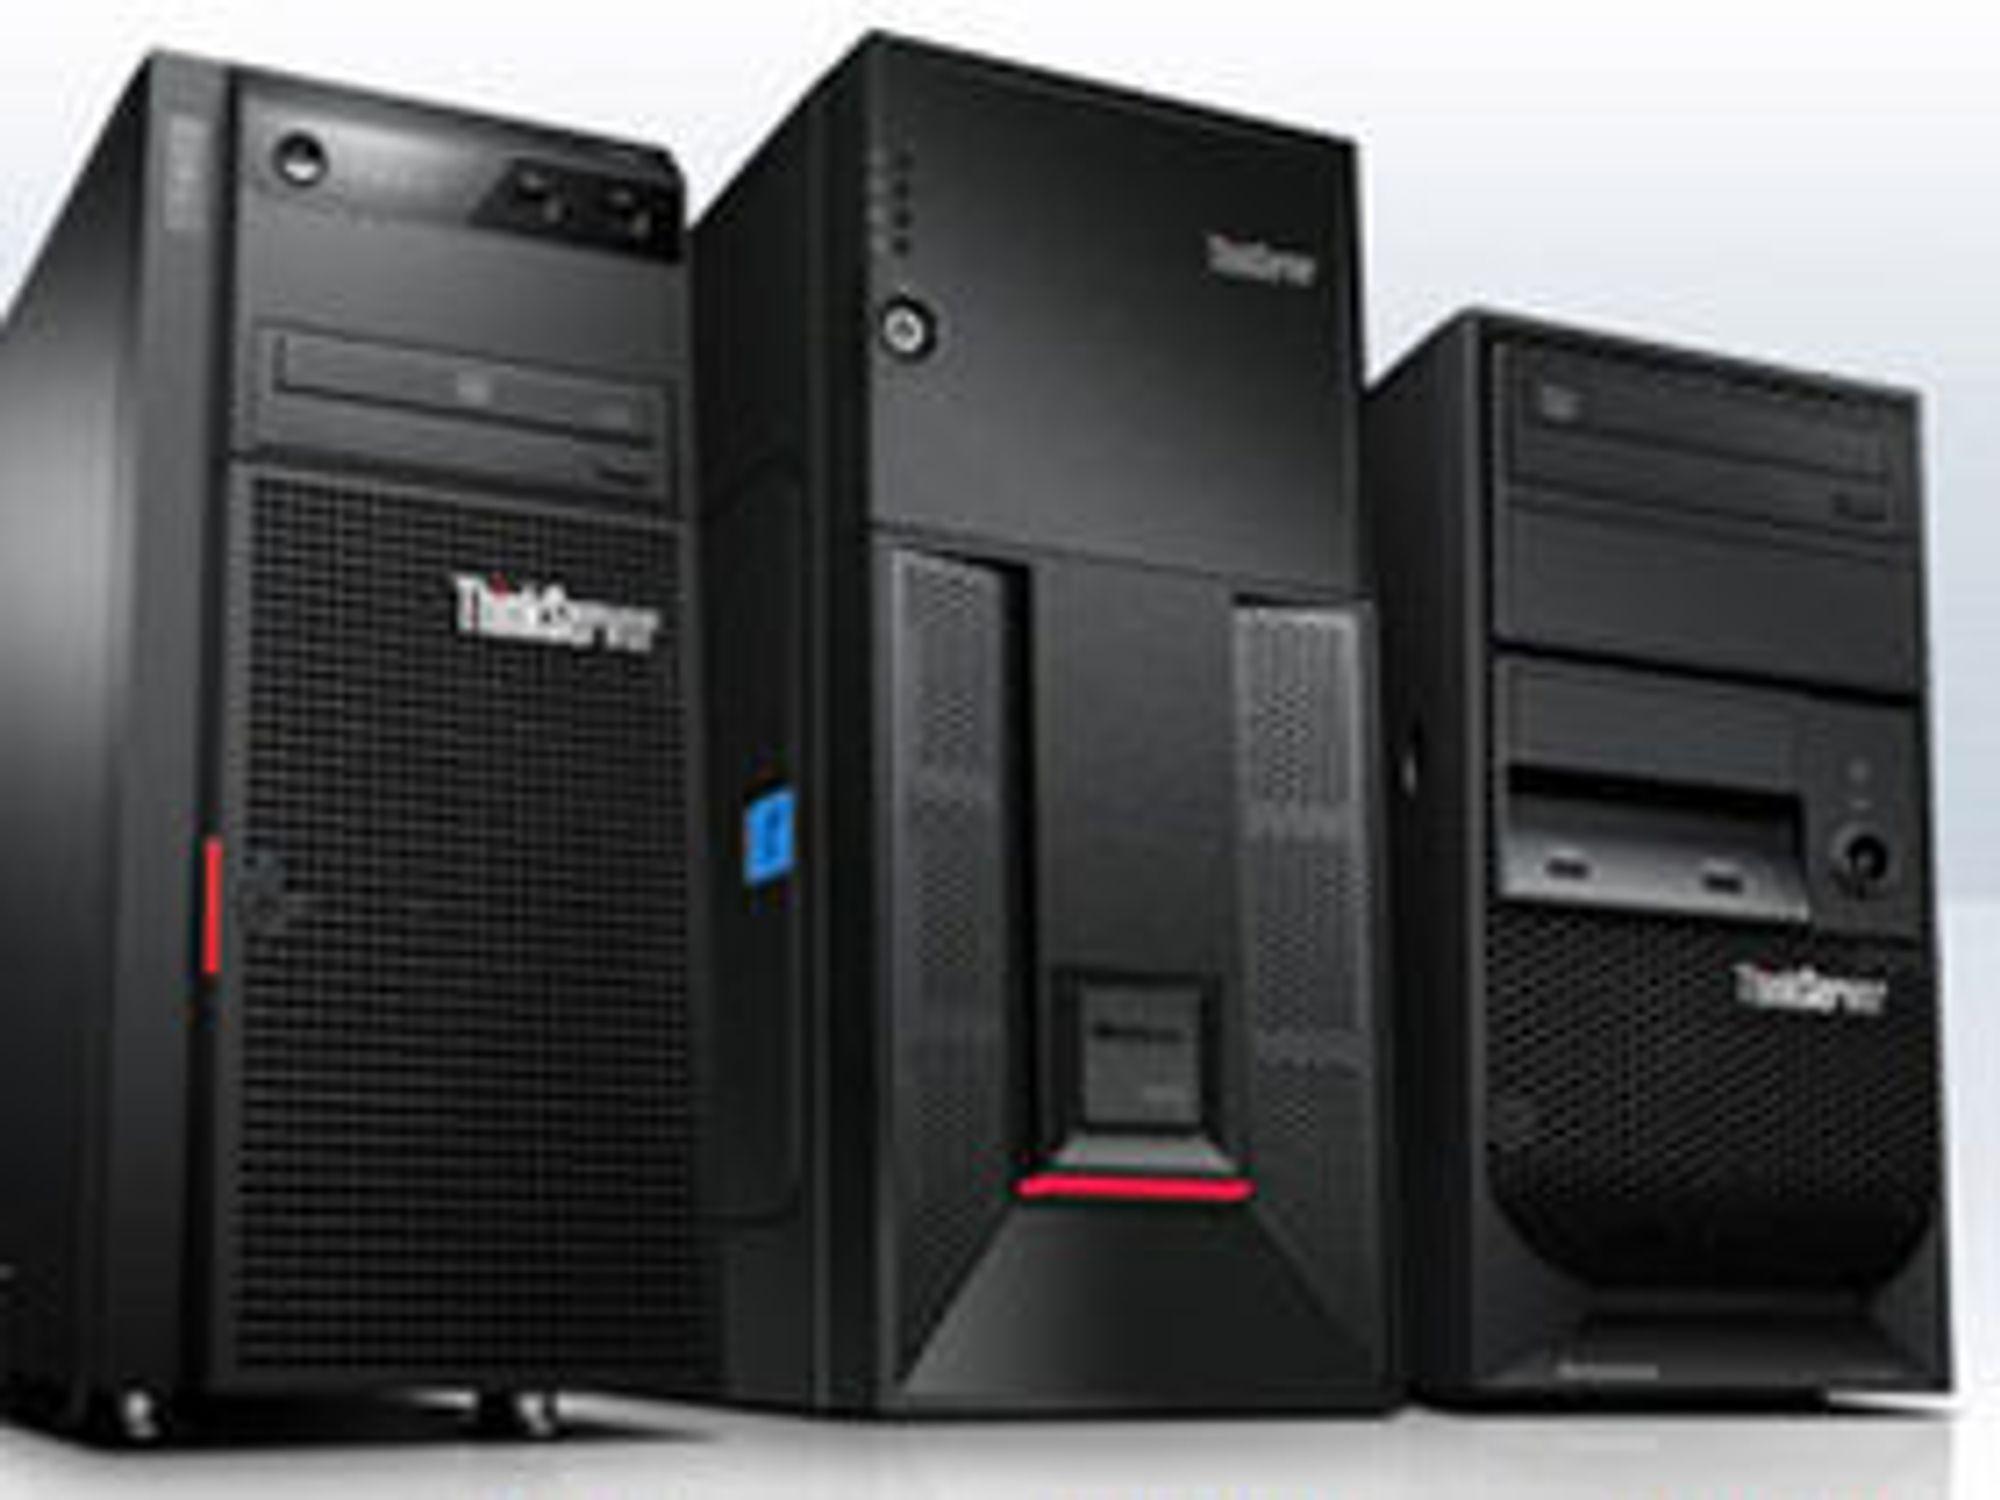 Lenovo opplevde en volumvekst på 77 prosent på sine Thinkserver.